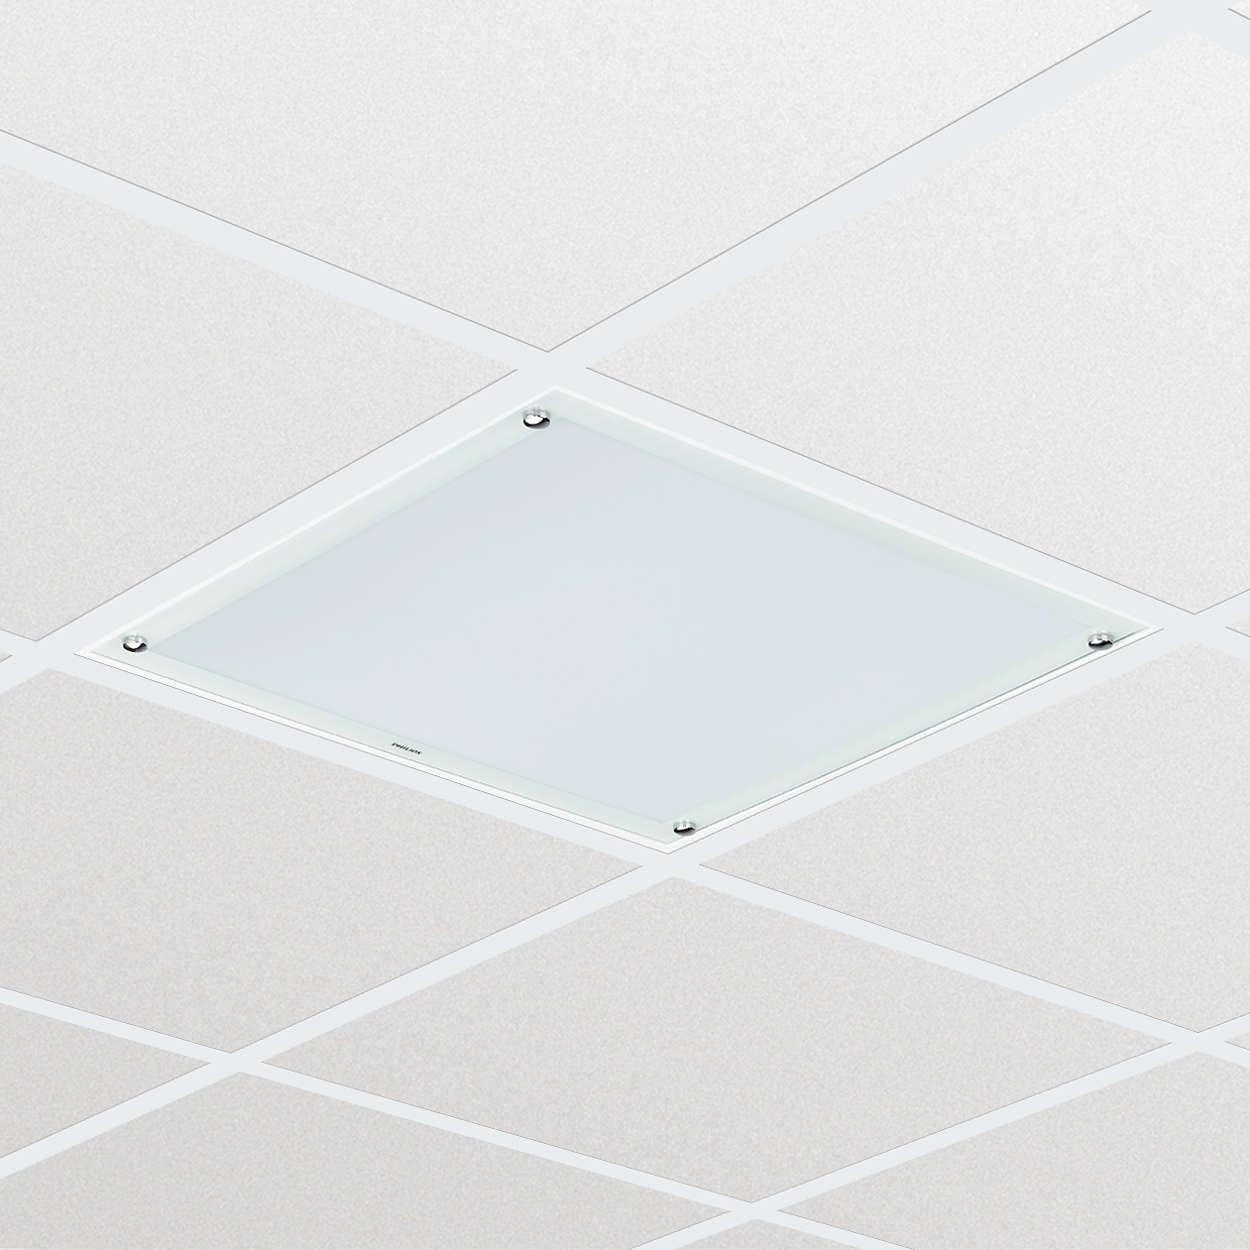 Cleanroom LED CR250B –Efficiente oplossing met goede prijs-kwaliteitsverhouding